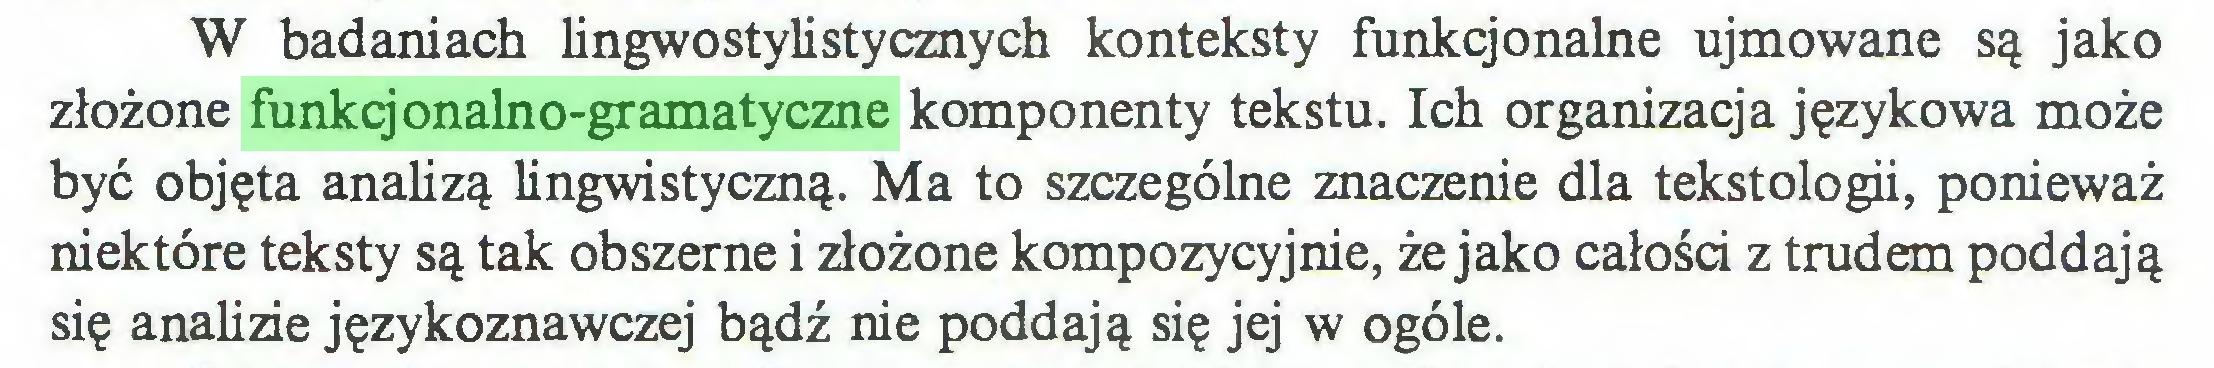 (...) W badaniach lingwostylistycznych konteksty funkcjonalne ujmowane są jako złożone funkcjonalno-gramatyczne komponenty tekstu. Ich organizacja językowa może być objęta analizą lingwistyczną. Ma to szczególne znaczenie dla tekstologii, ponieważ niektóre teksty są tak obszerne i złożone kompozycyjnie, że jako całości z trudem poddają się analizie językoznawczej bądź nie poddają się jej w ogóle...